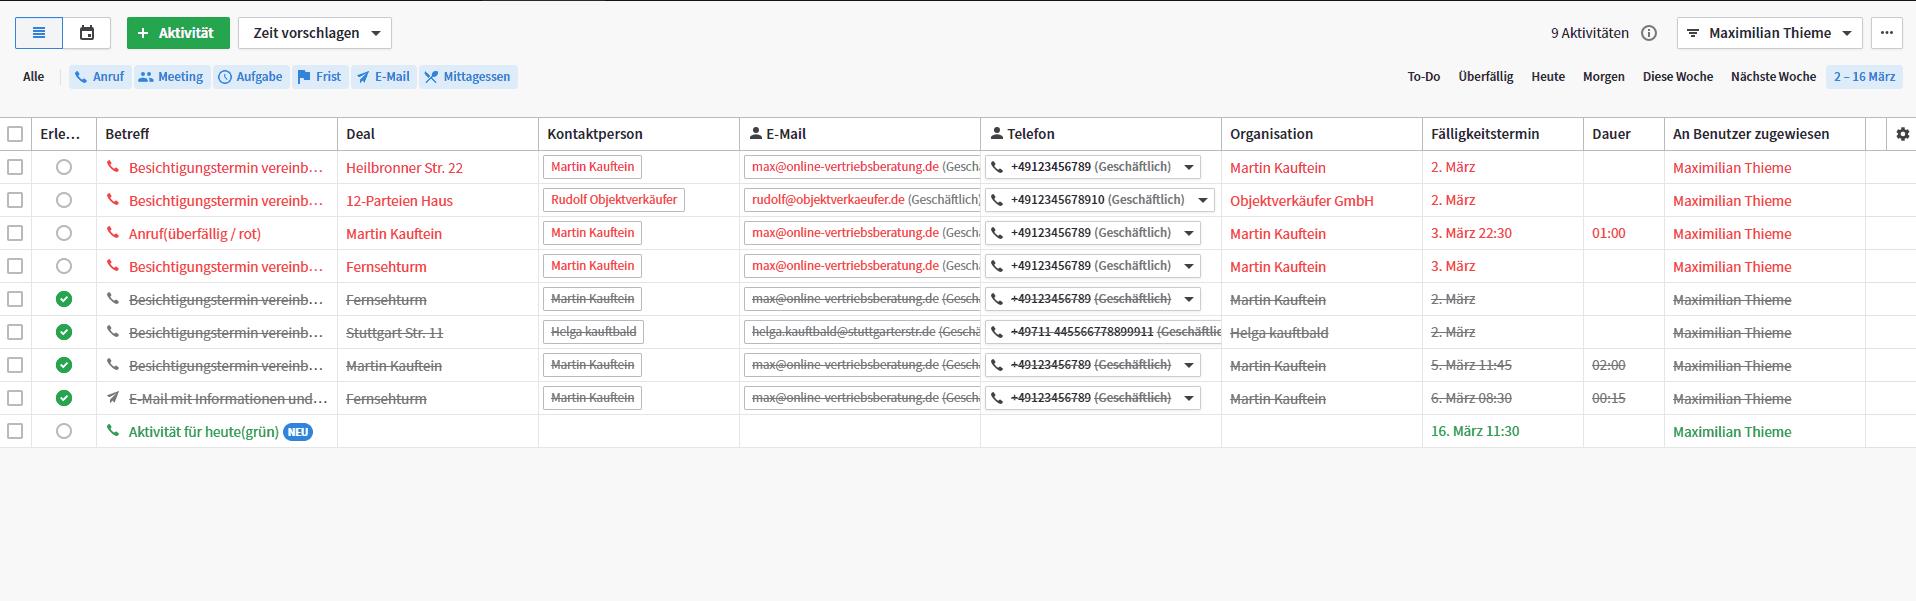 Online-Vertriebsberatung - Pipedrive CRM Übersicht der Aktivitäten